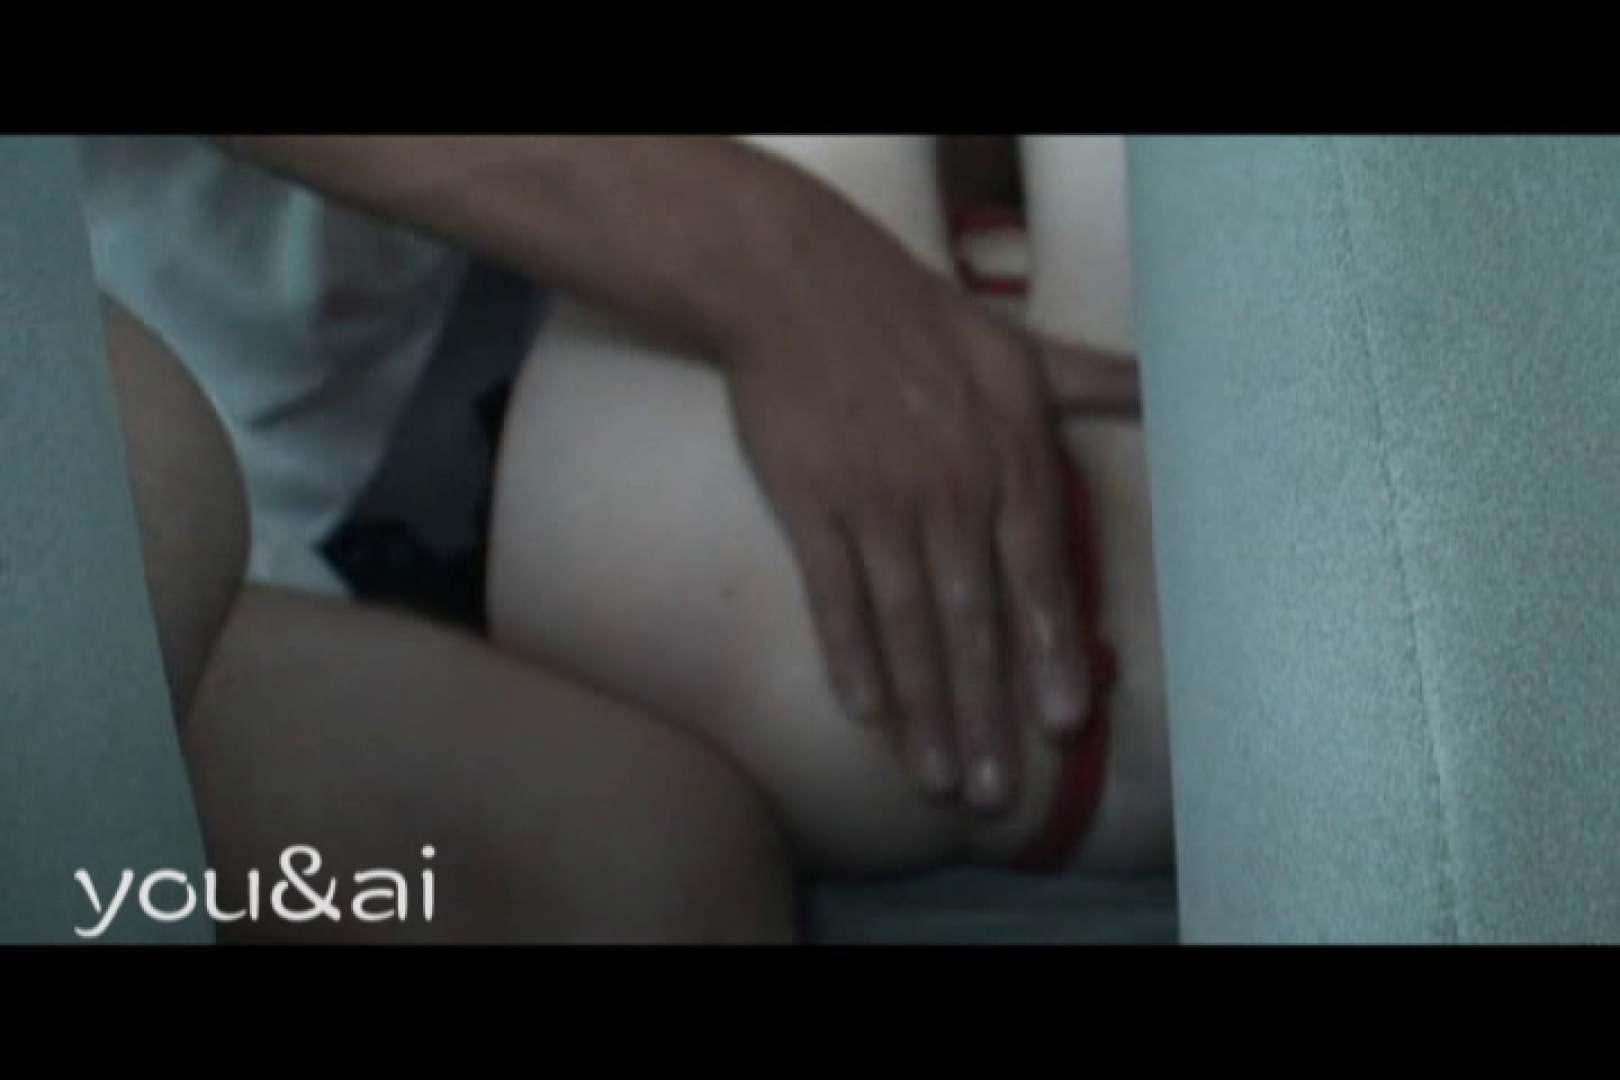 おしどり夫婦のyou&aiさん投稿作品vol.4 セックス AV動画キャプチャ 104枚 45